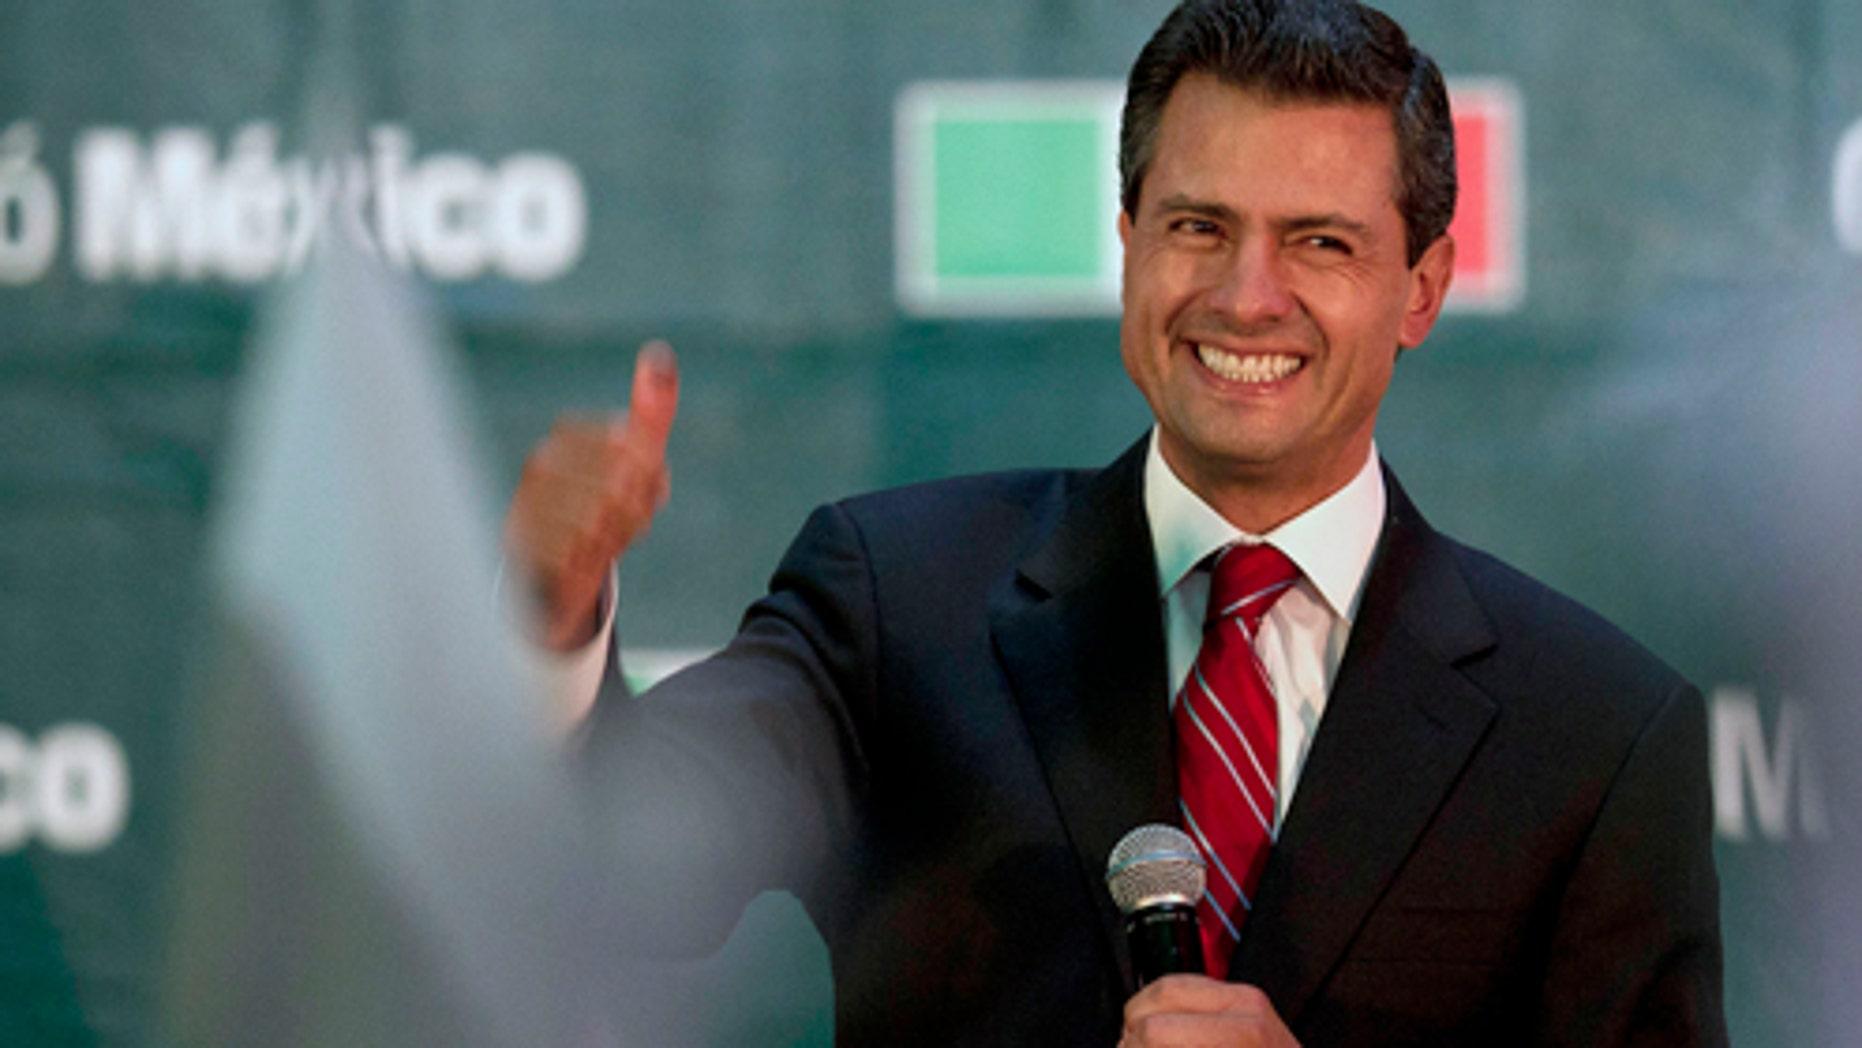 Enrique Peña Nieto, presidente electo de México, festeja su triunfo en las elecciones en la sede de su partido en la ciudad de México, el 1 de julio de 2012. (Foto AP/Dario Lopez-Mills)